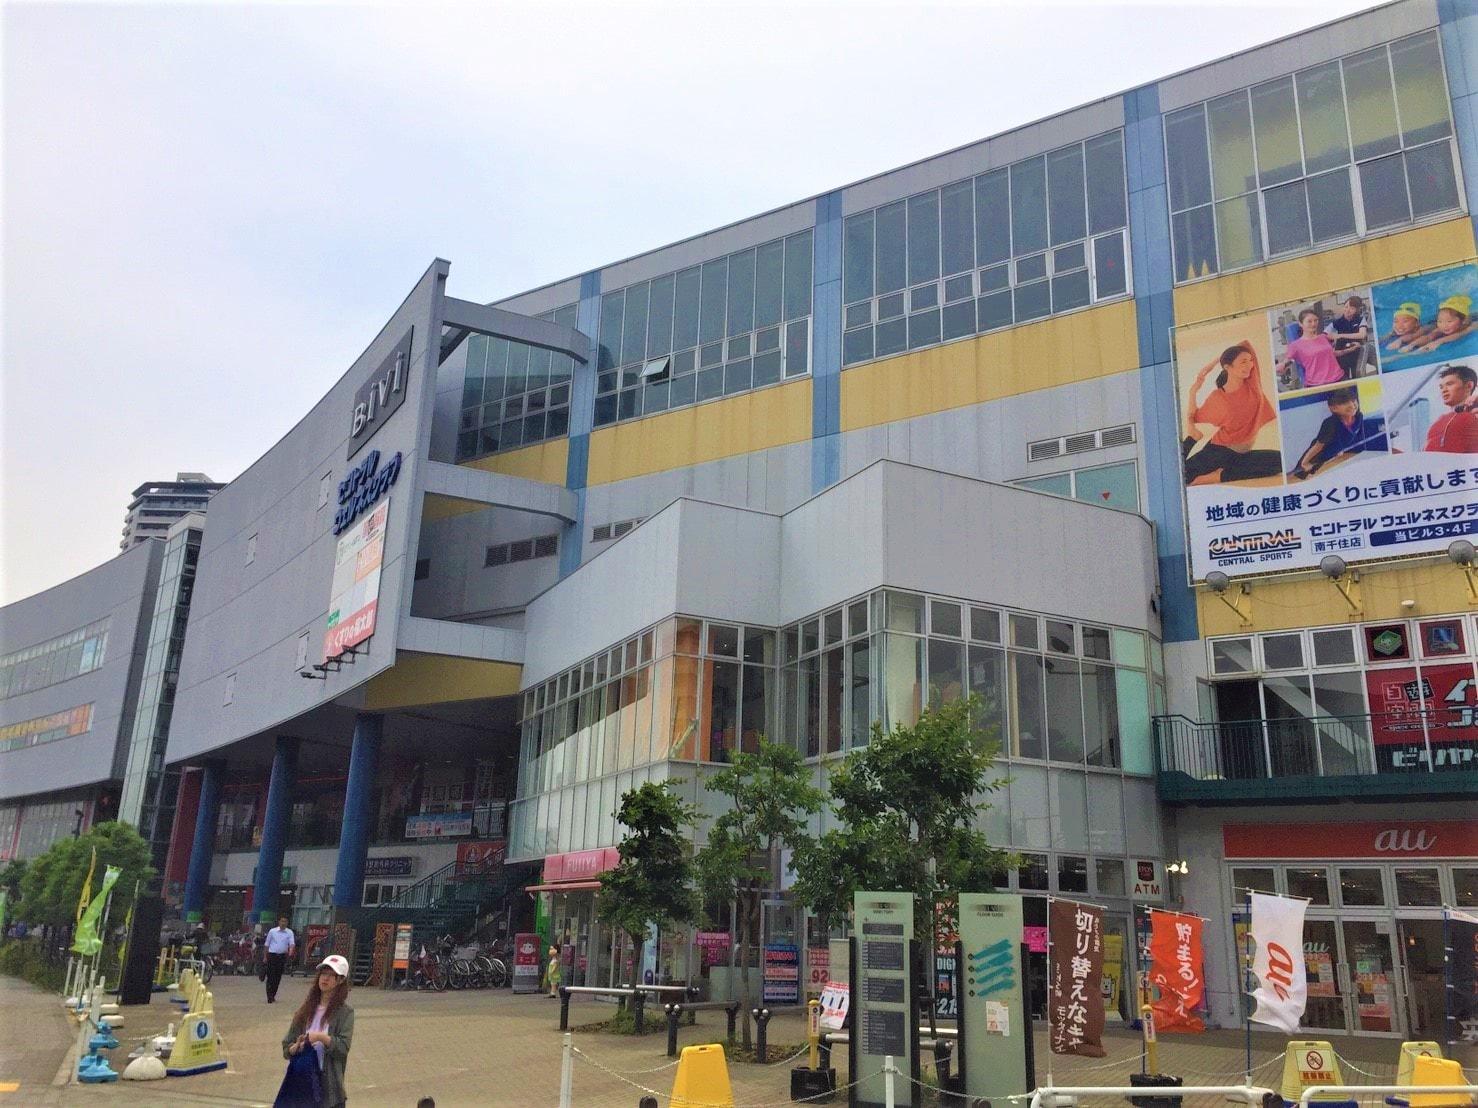 大型ショッピング施設の外観